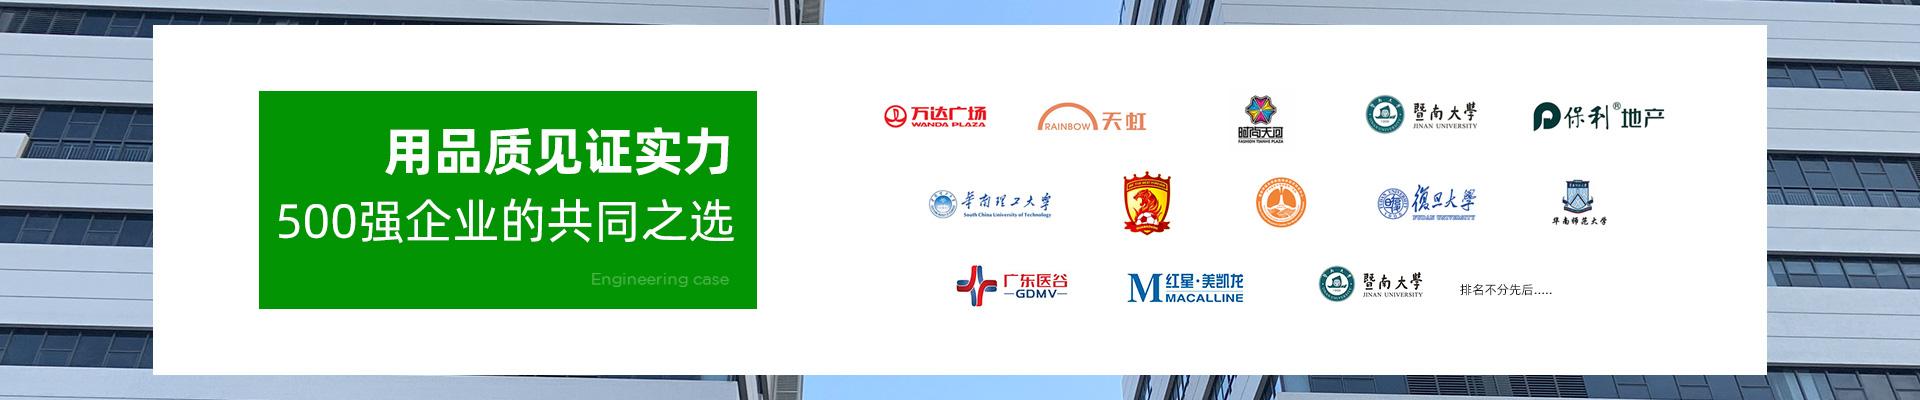 卓盛标识-扎根标识行业23年服务众多500强企业